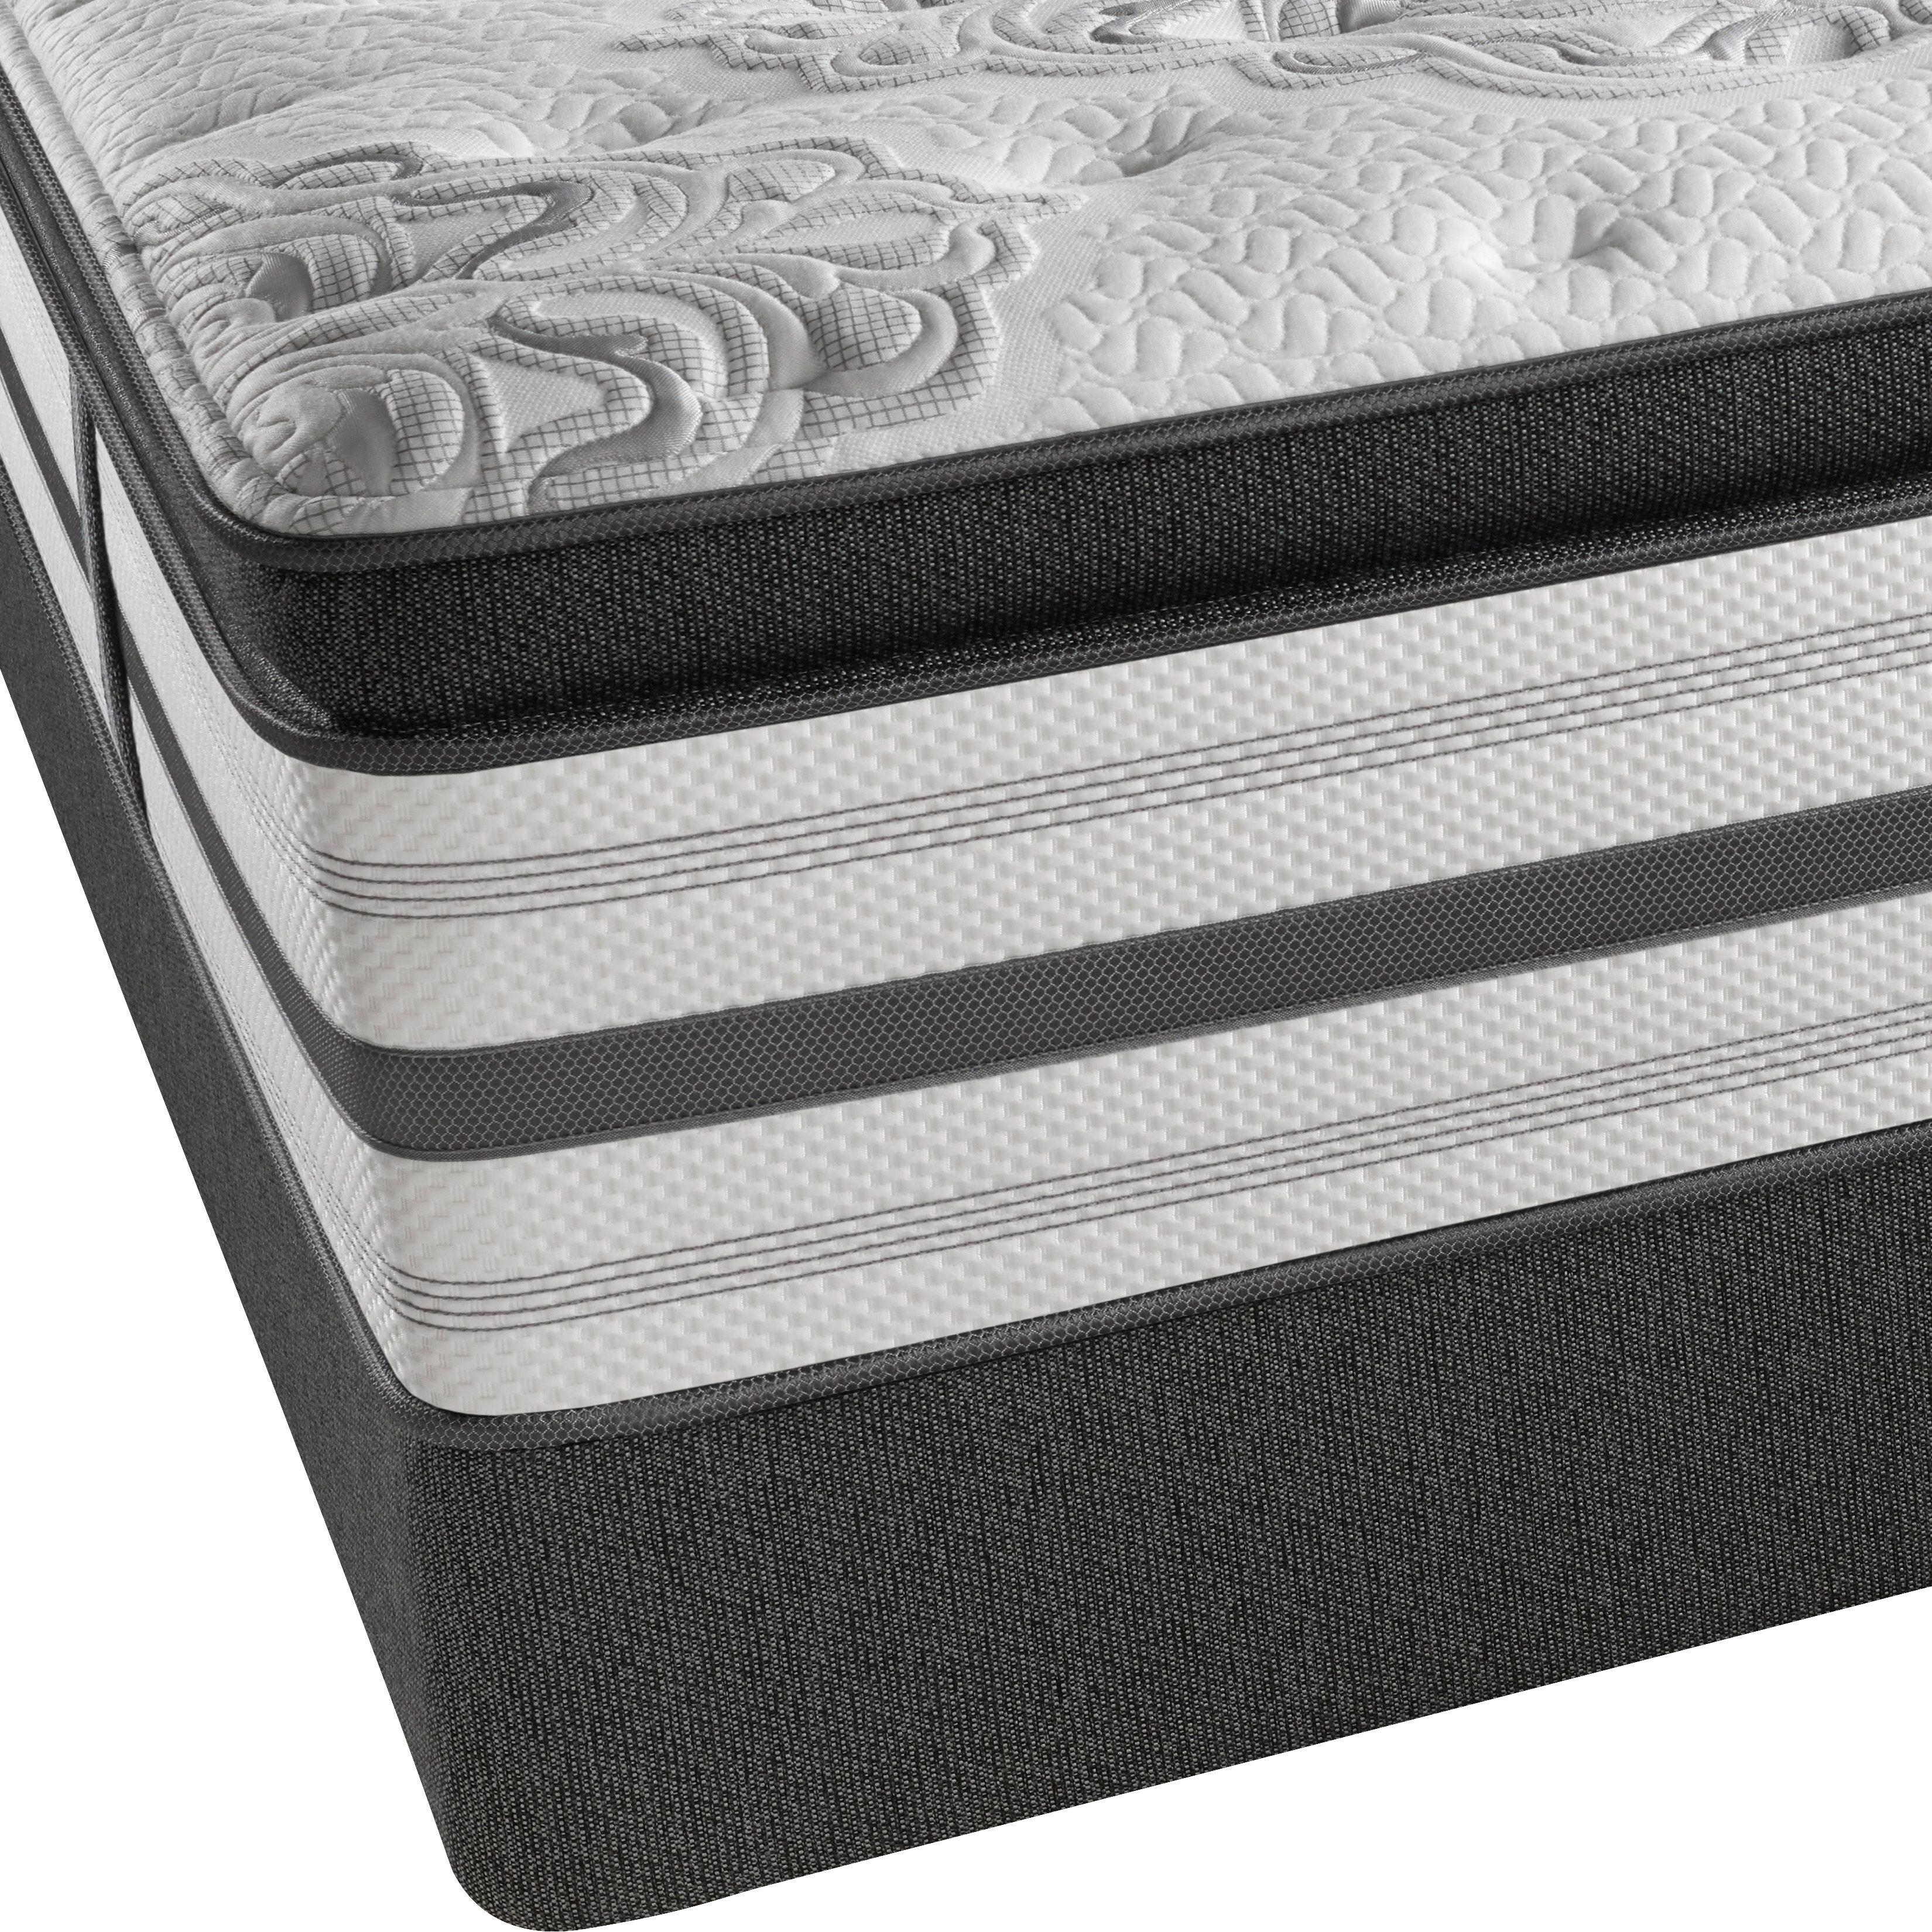 Simmons Beautyrest Platinum Columbus Luxury Firm Pillow Top Mattress Mattress Firm Pillows Pillow Top Mattress